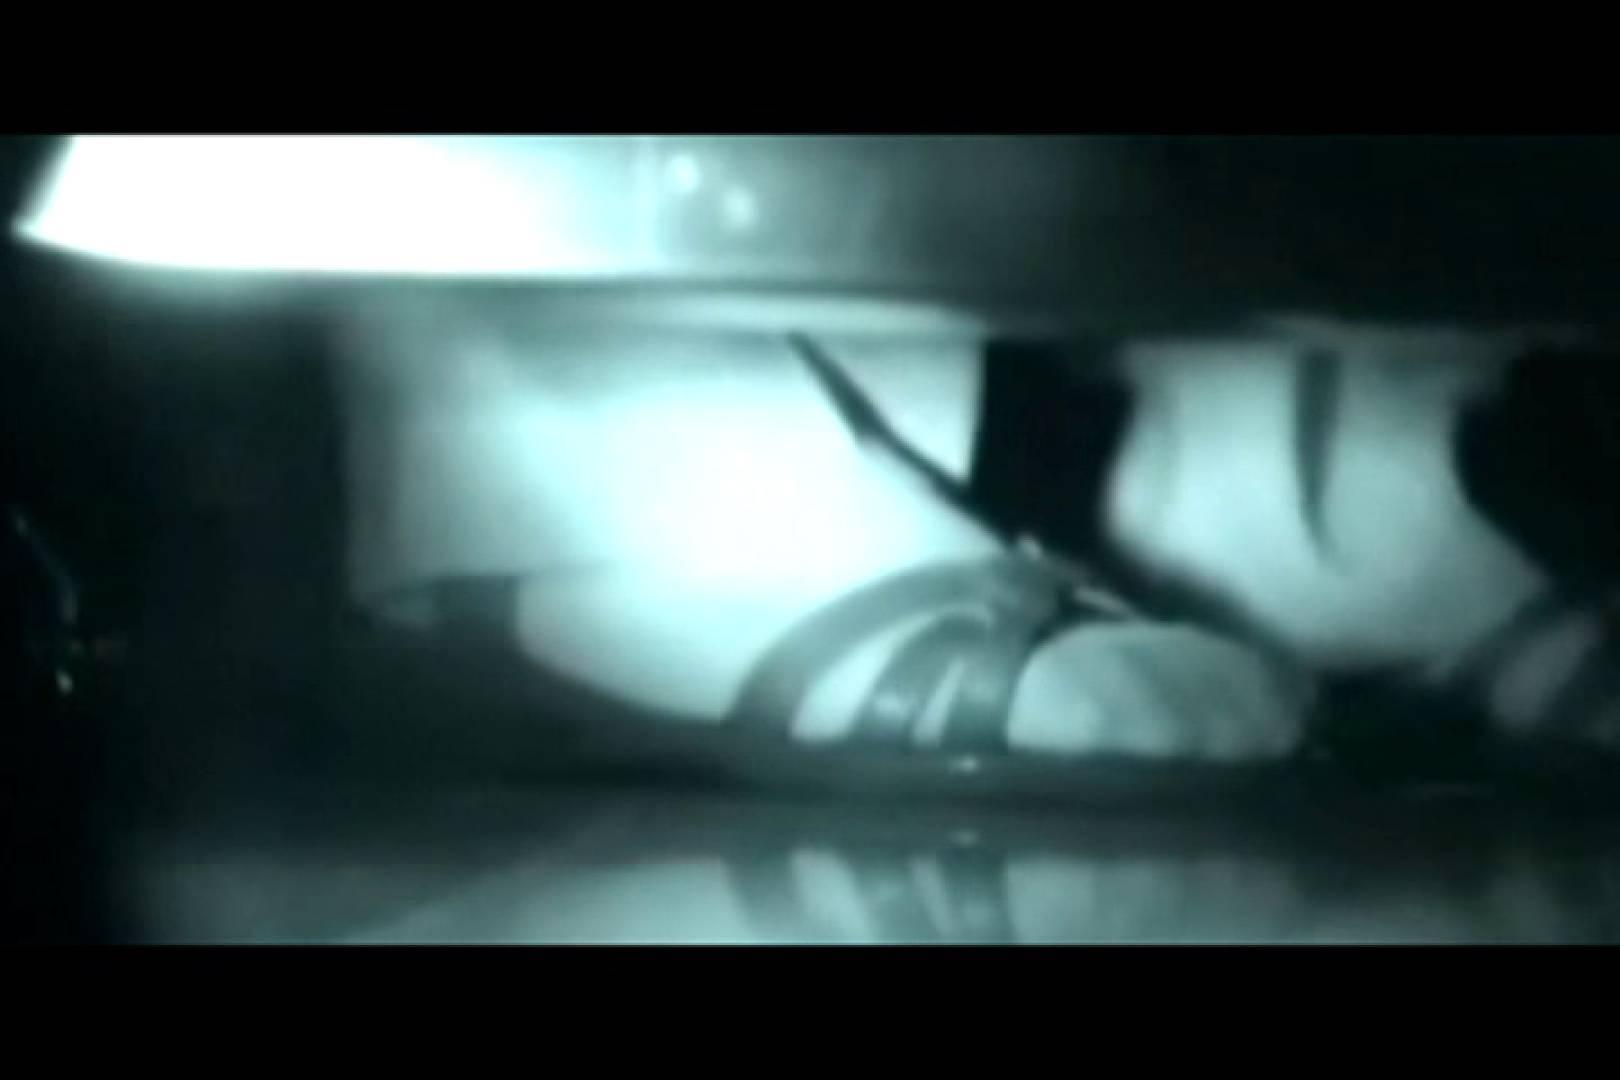 ぼっとん洗面所スペシャルVol.19 洗面所 | おまんこモロ出し  109pic 44